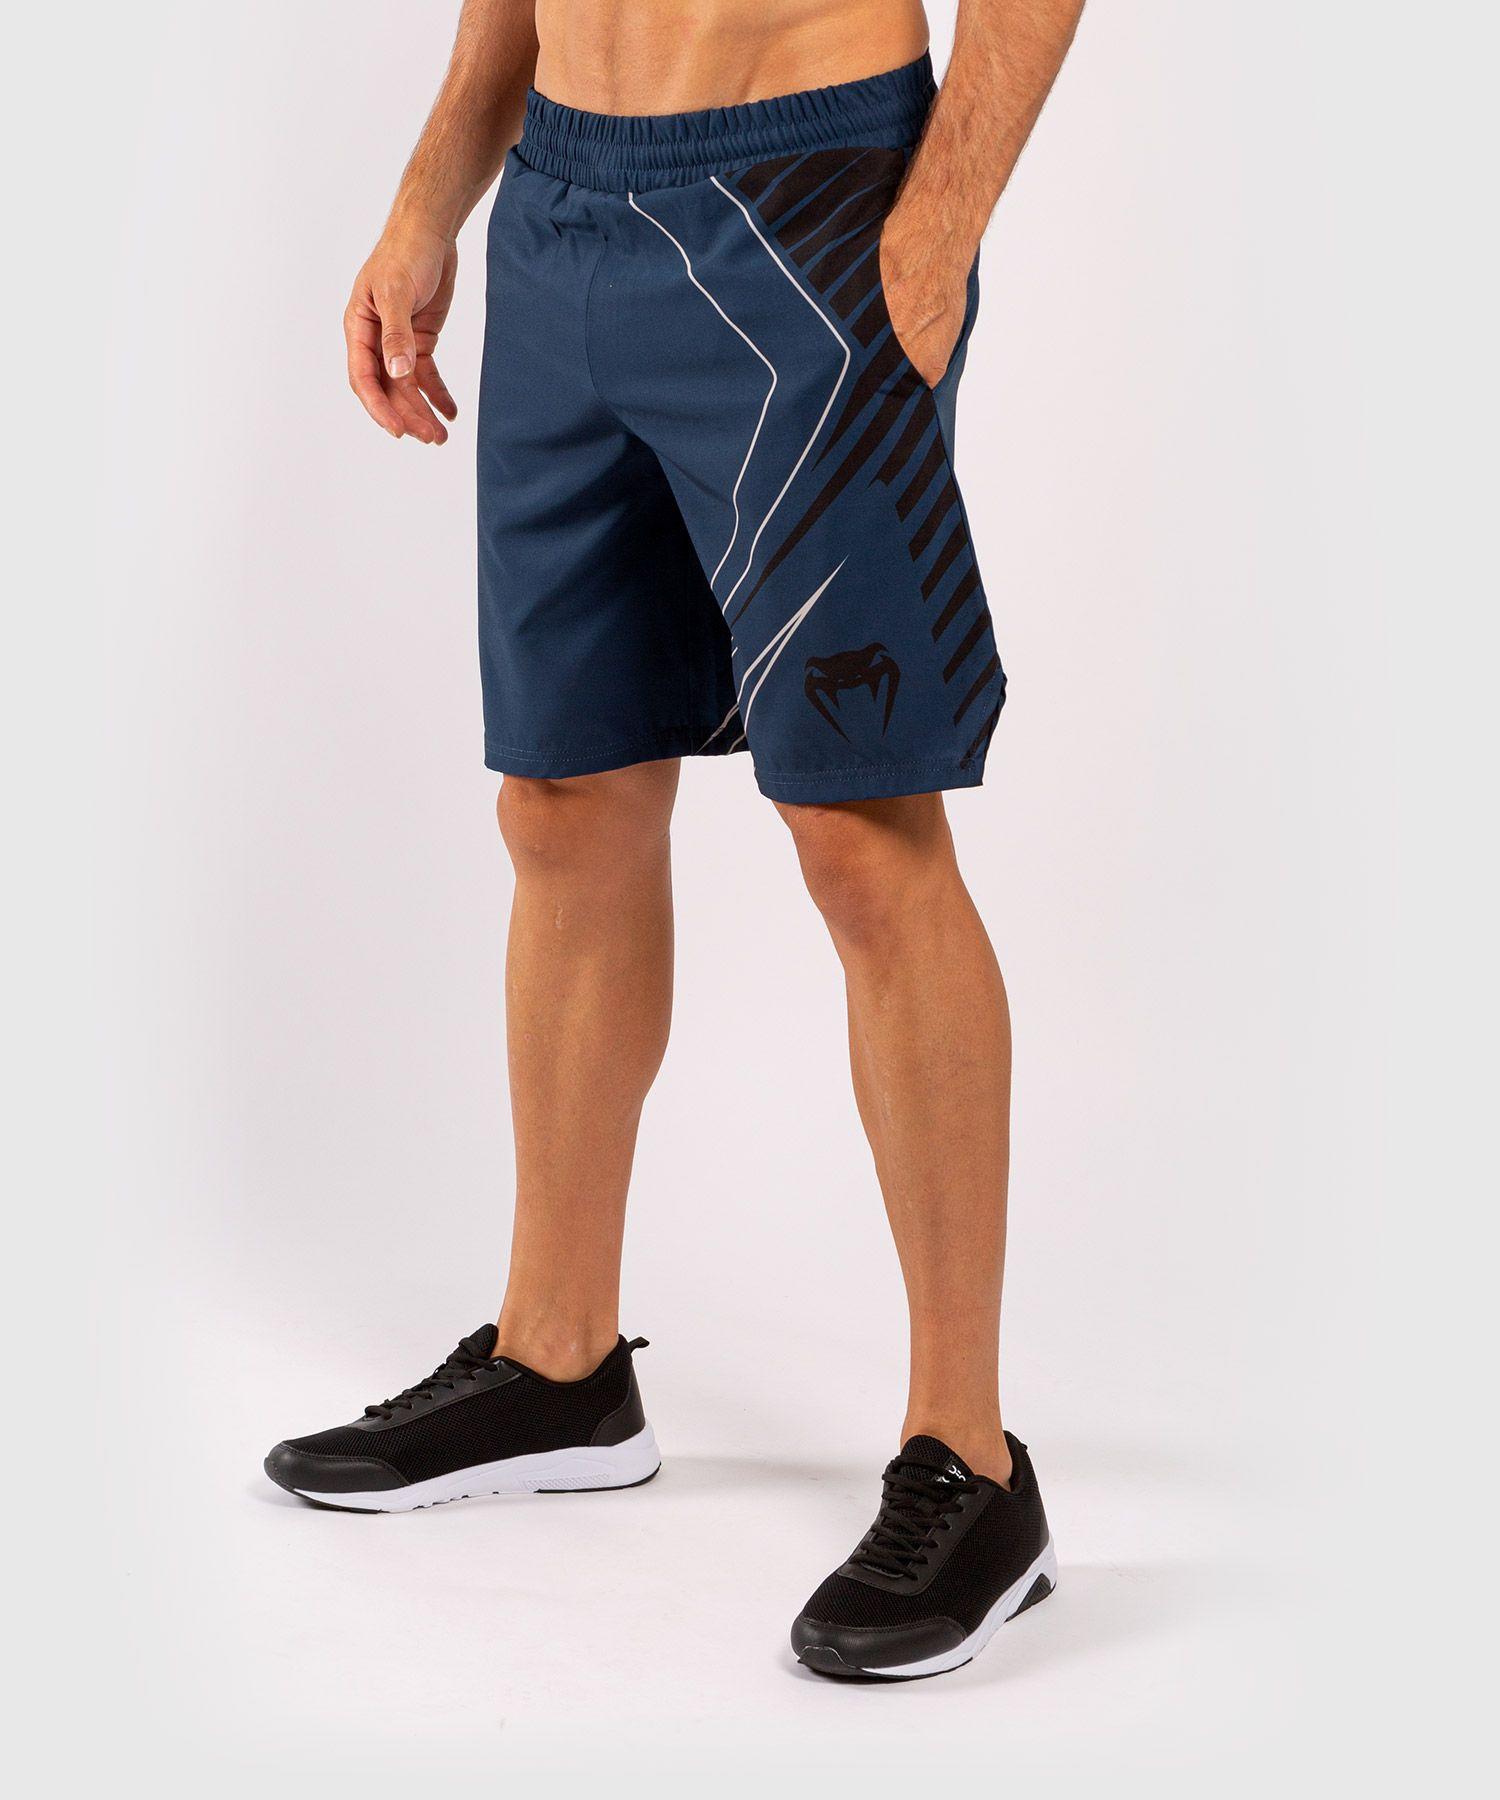 Venum Contender 5.0 Sport shorts - Navy/Sand